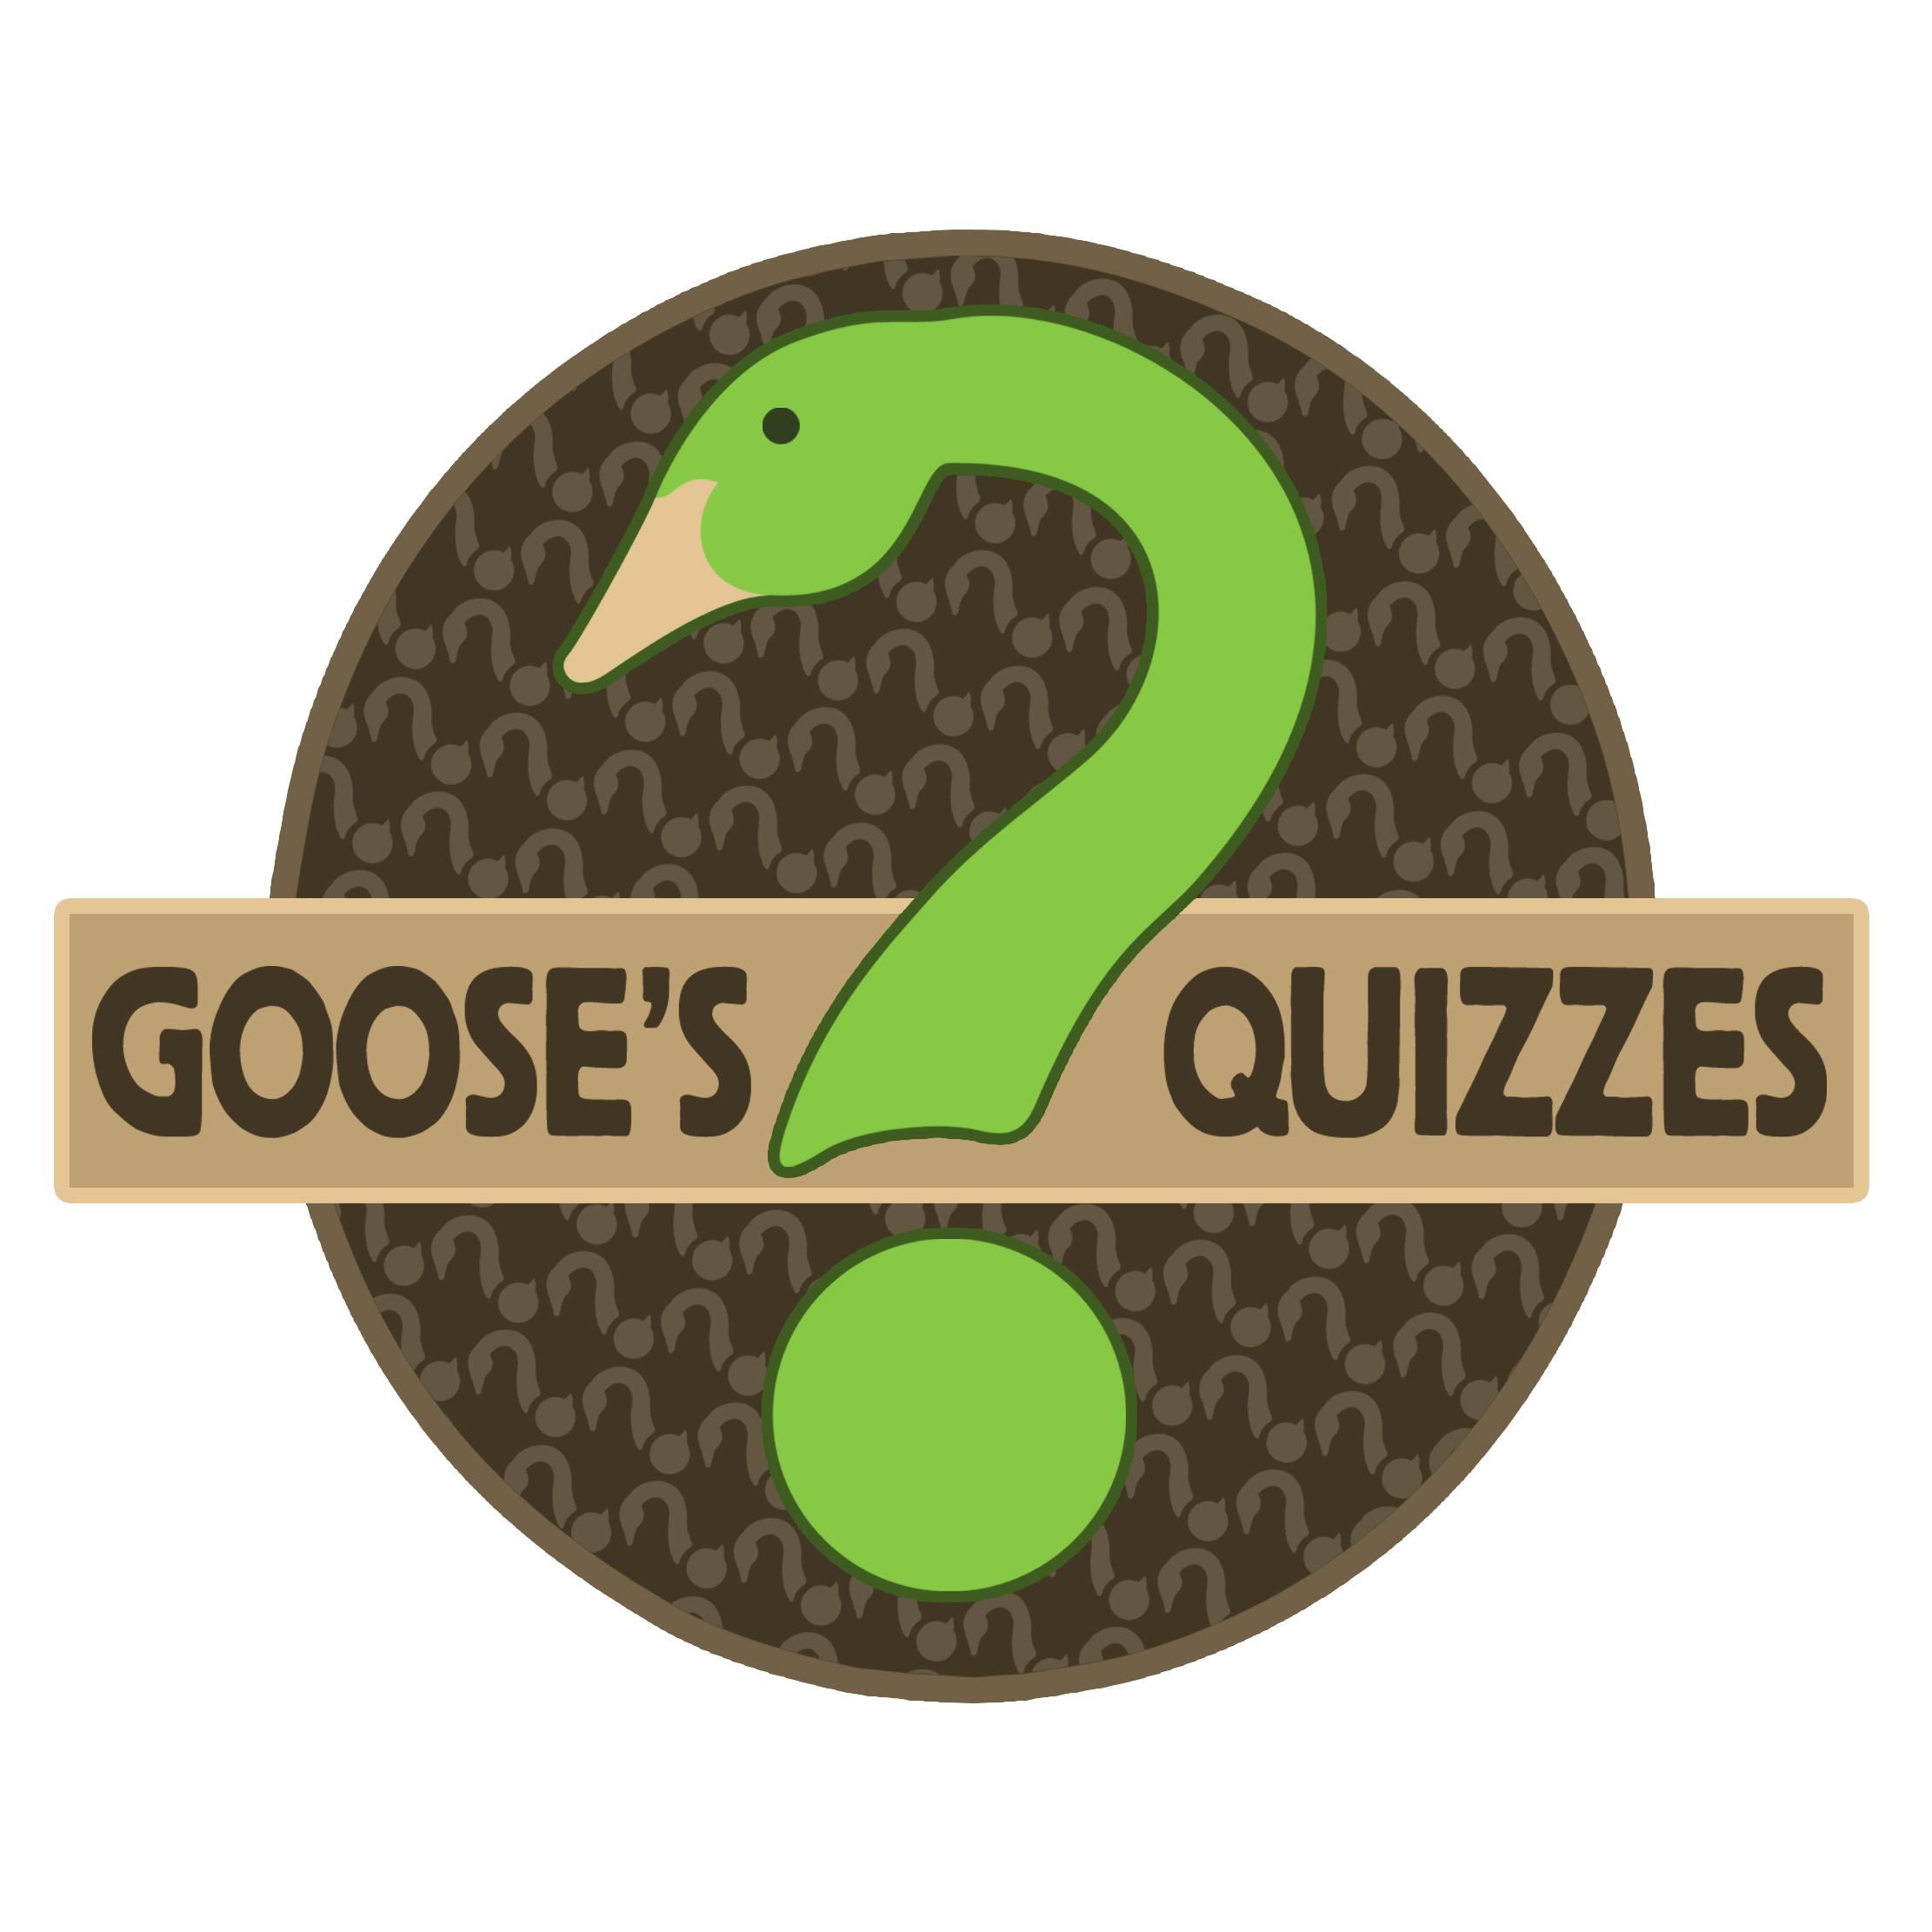 Quizzes - Quizzes 43